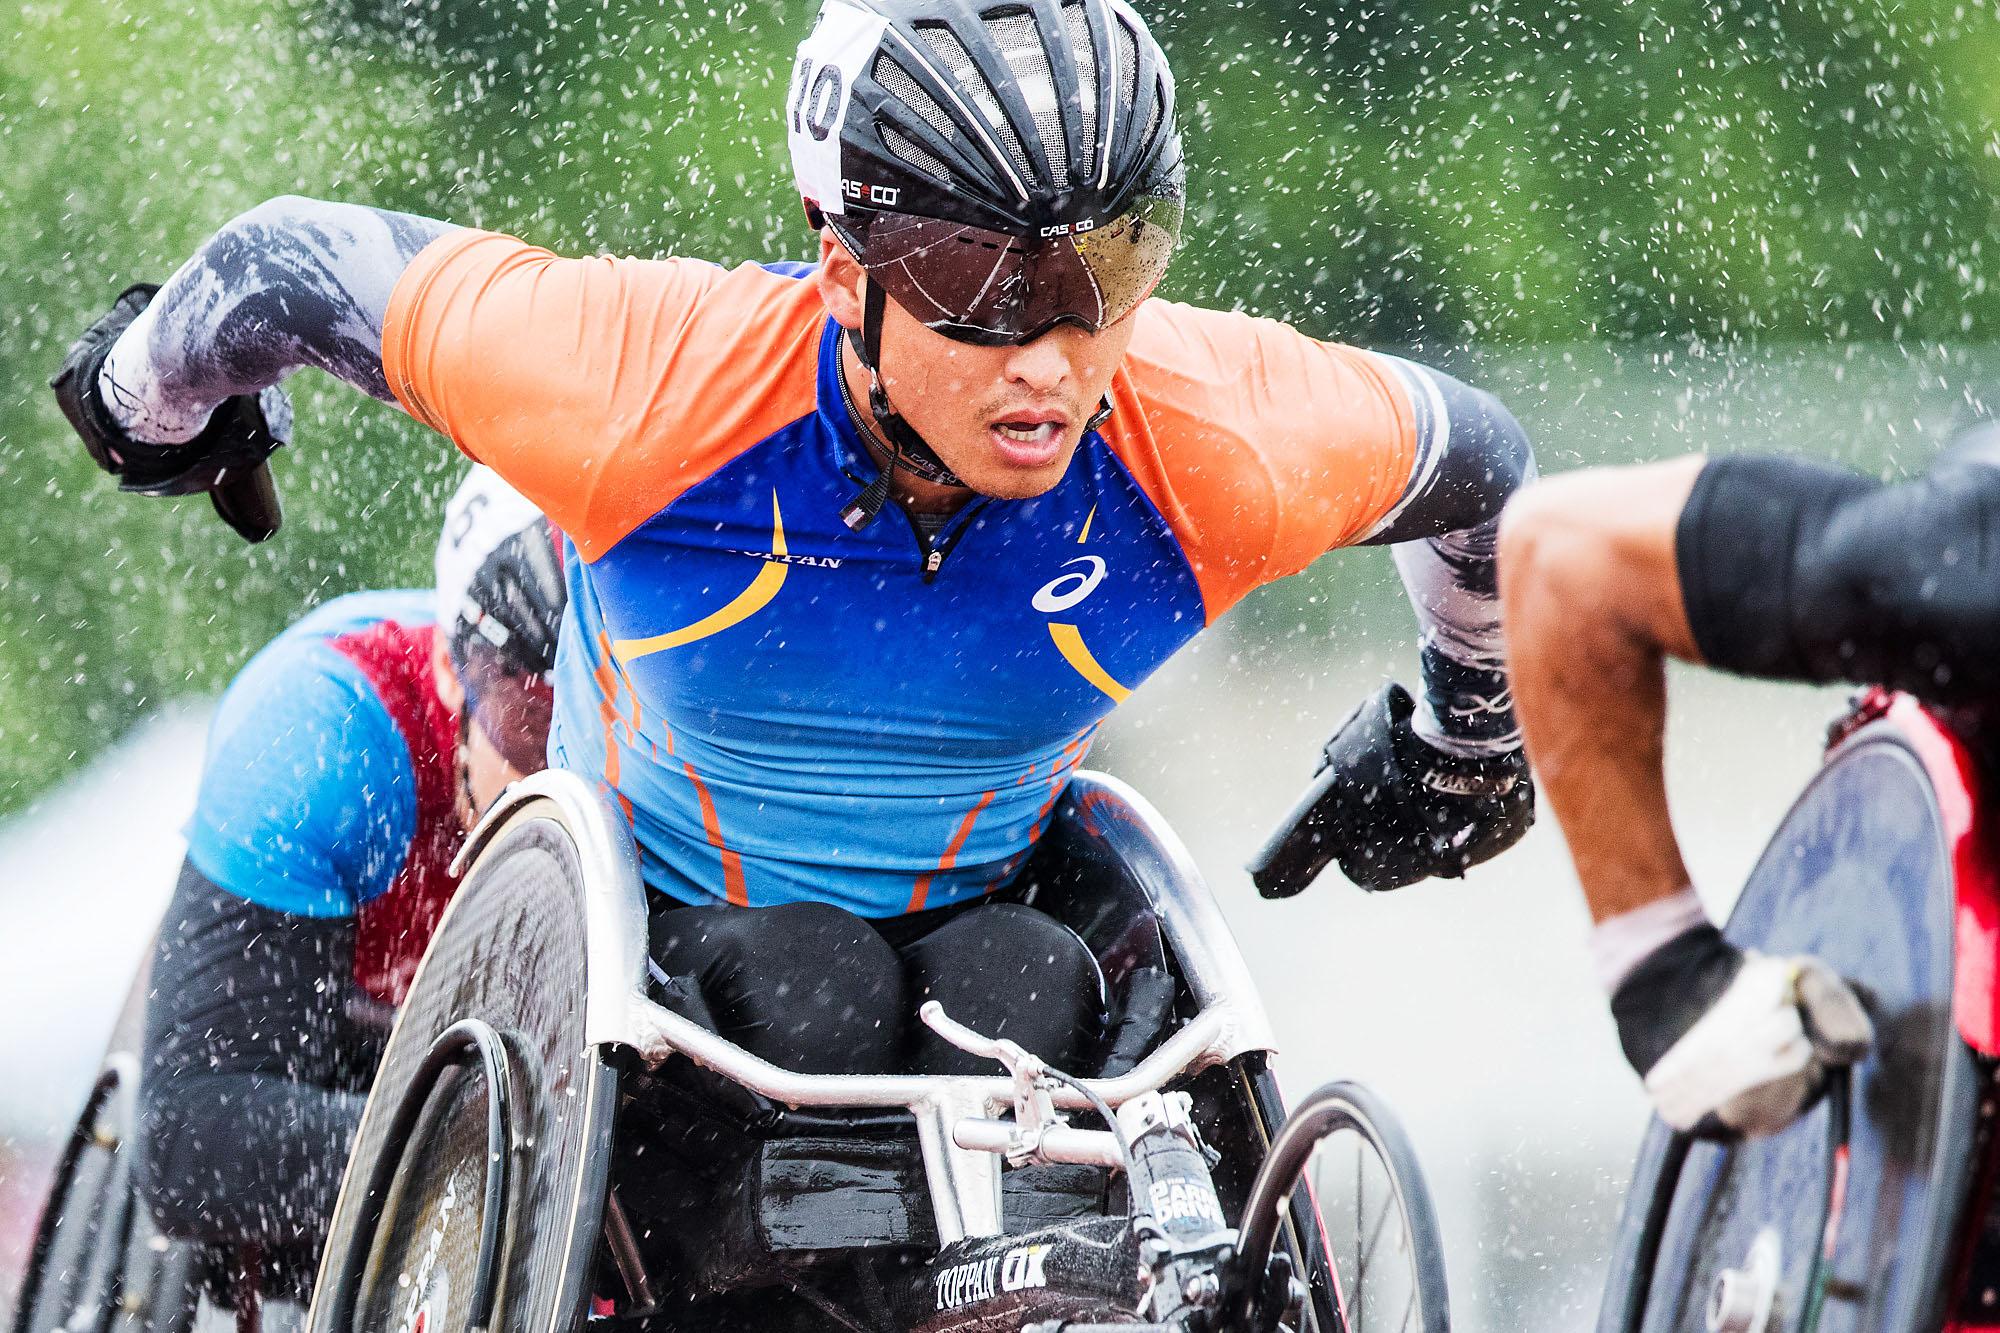 スイス(2016パラ陸上グランプリシリーズ)では雨の影響もあり、リオ選考対象に届く結果は出せなかった(撮影:越智貴雄)